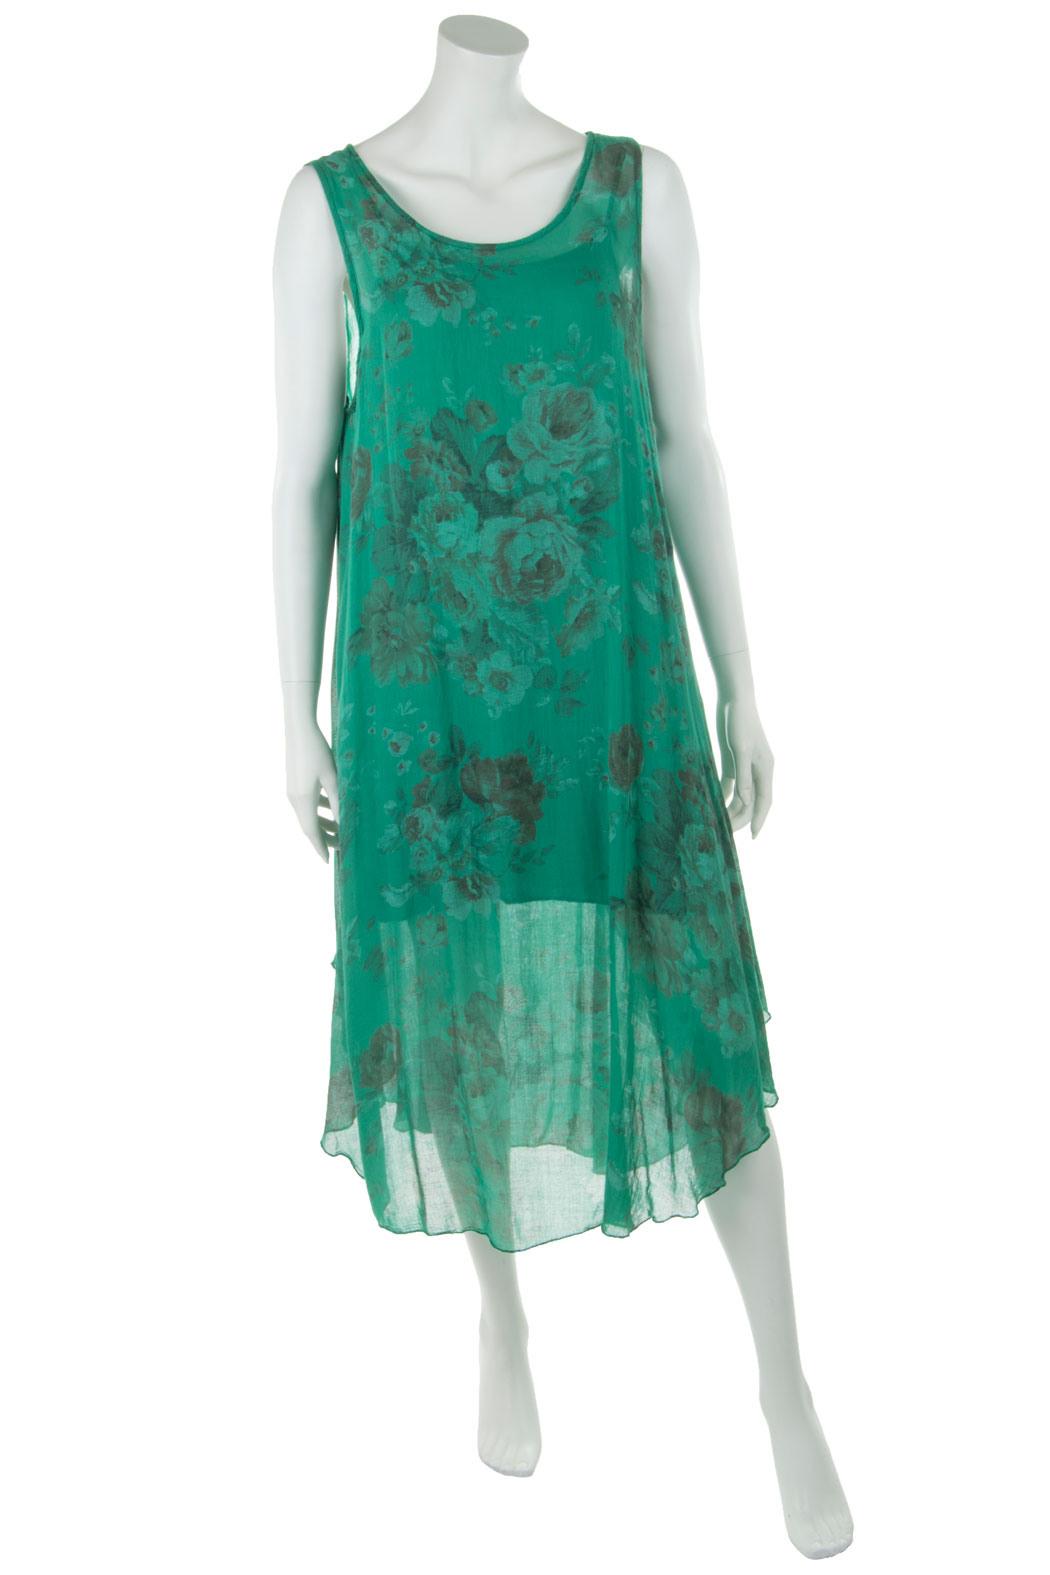 Leichtes Sommerkleid Für Damen Maxikleid Viskose Viele